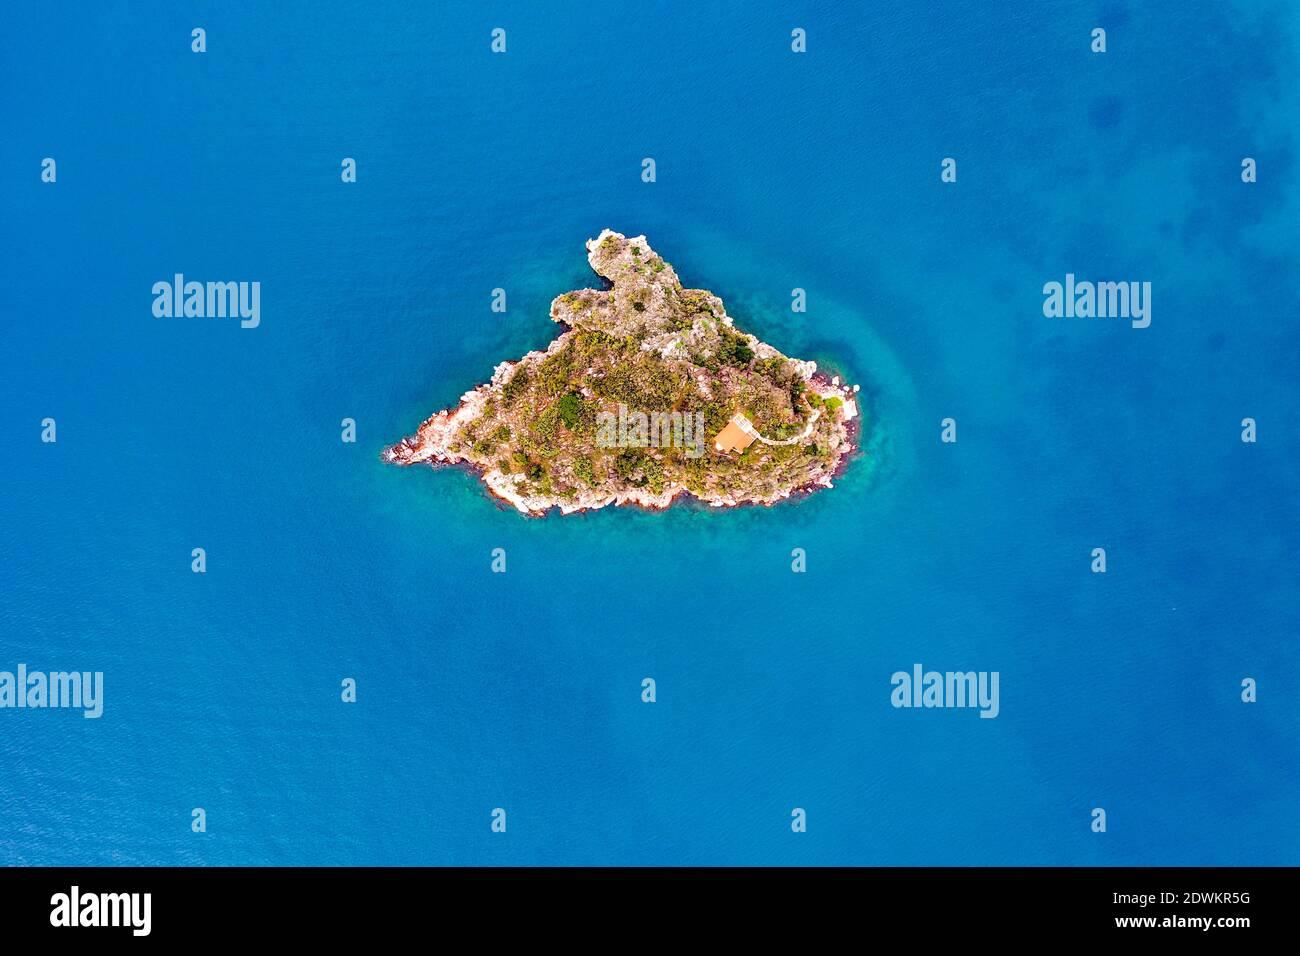 Vue aérienne de haut en bas de la petite île de roche Banque D'Images